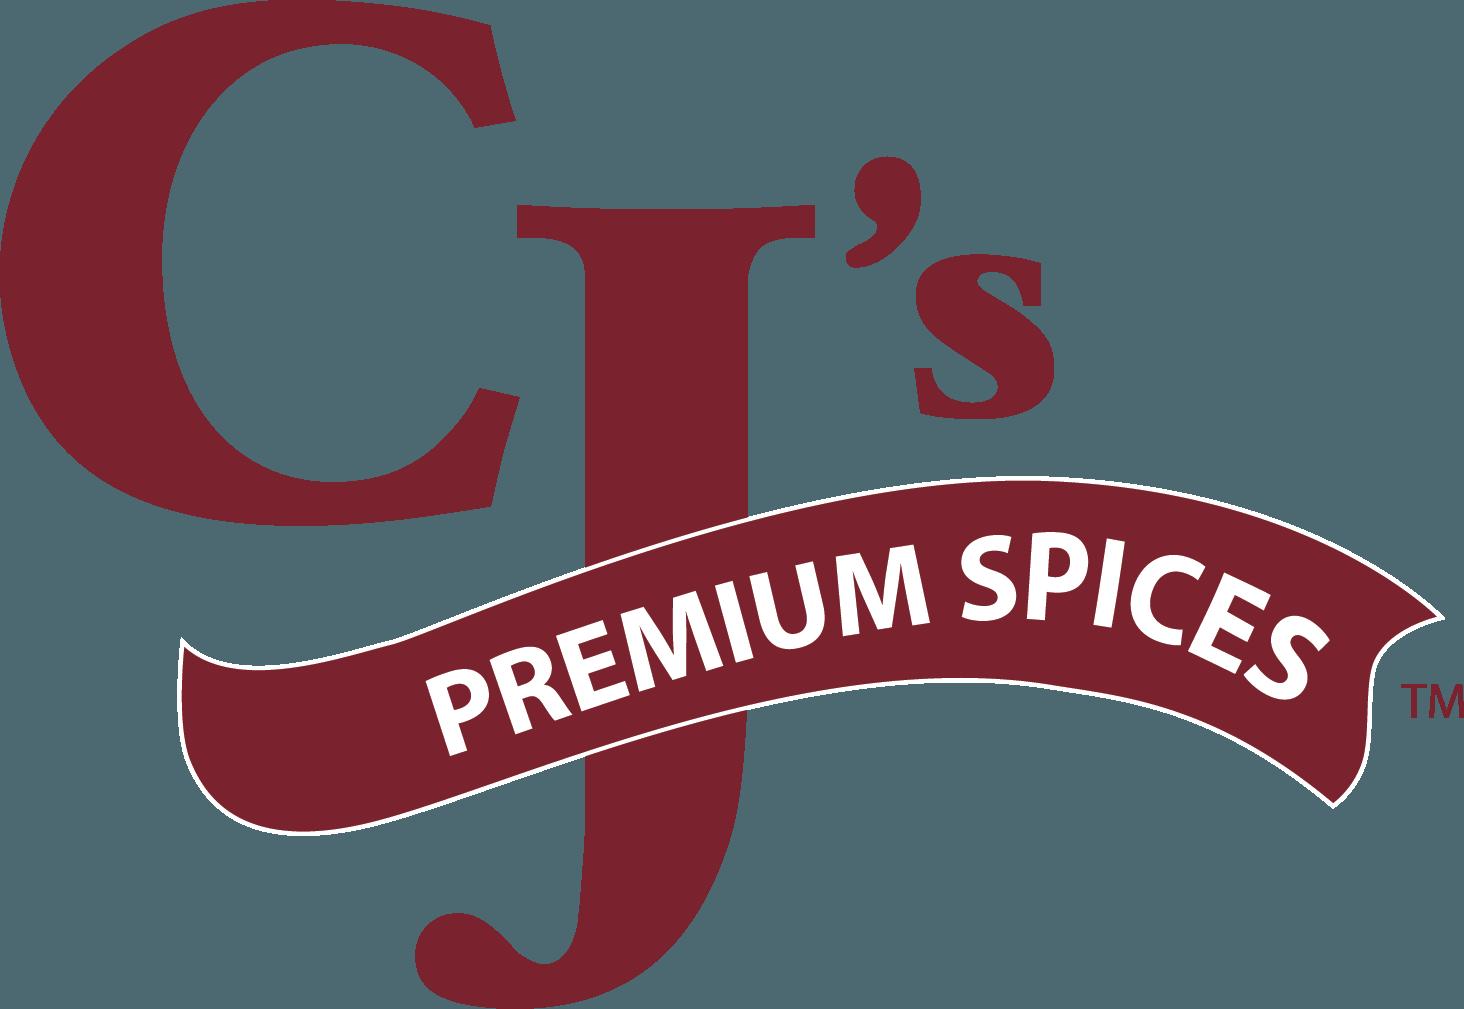 CJs Premium Spices